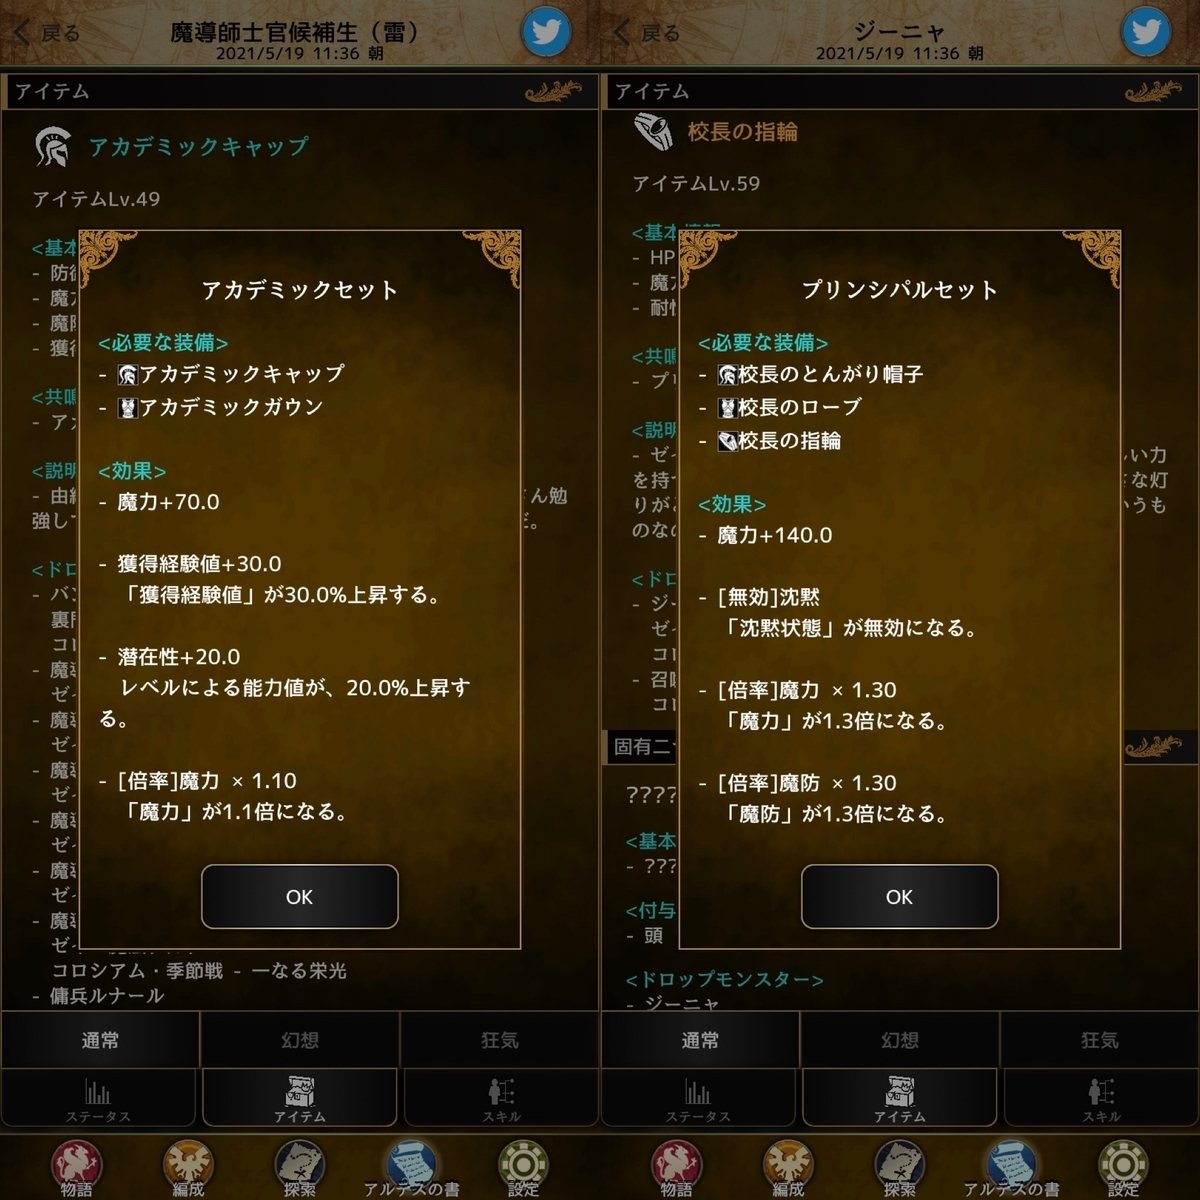 f:id:asamushi:20210519114621j:plain